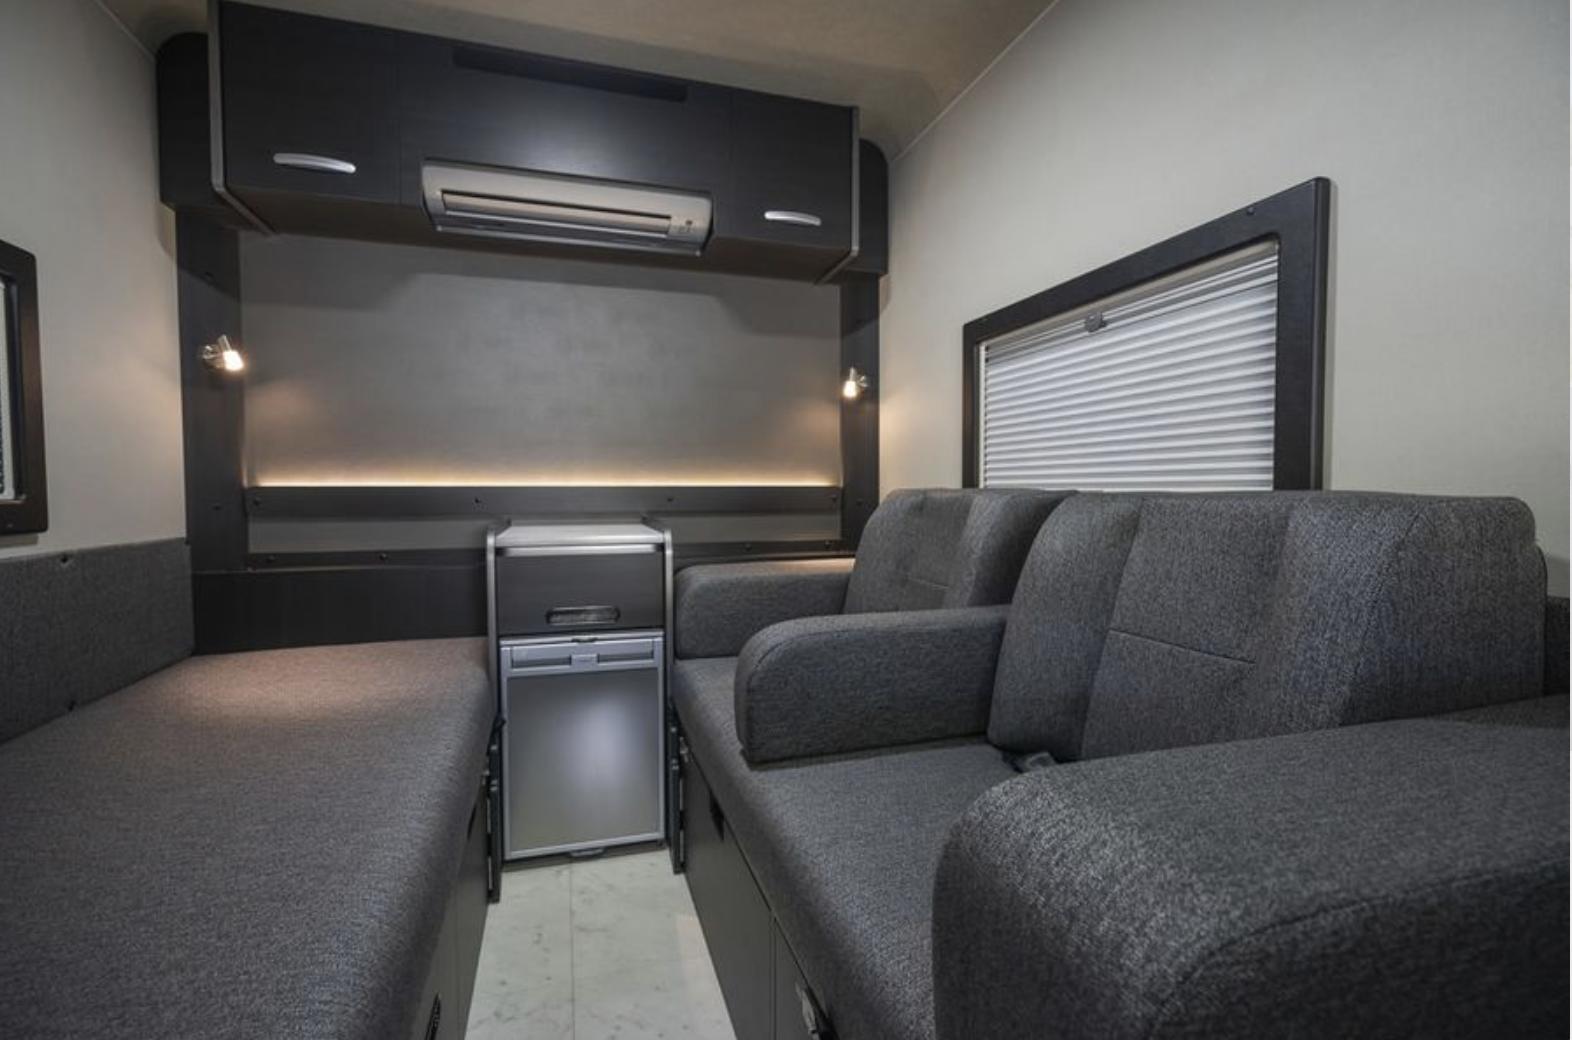 車内はエアコン付きで、広々としたホテルのような空間になっています